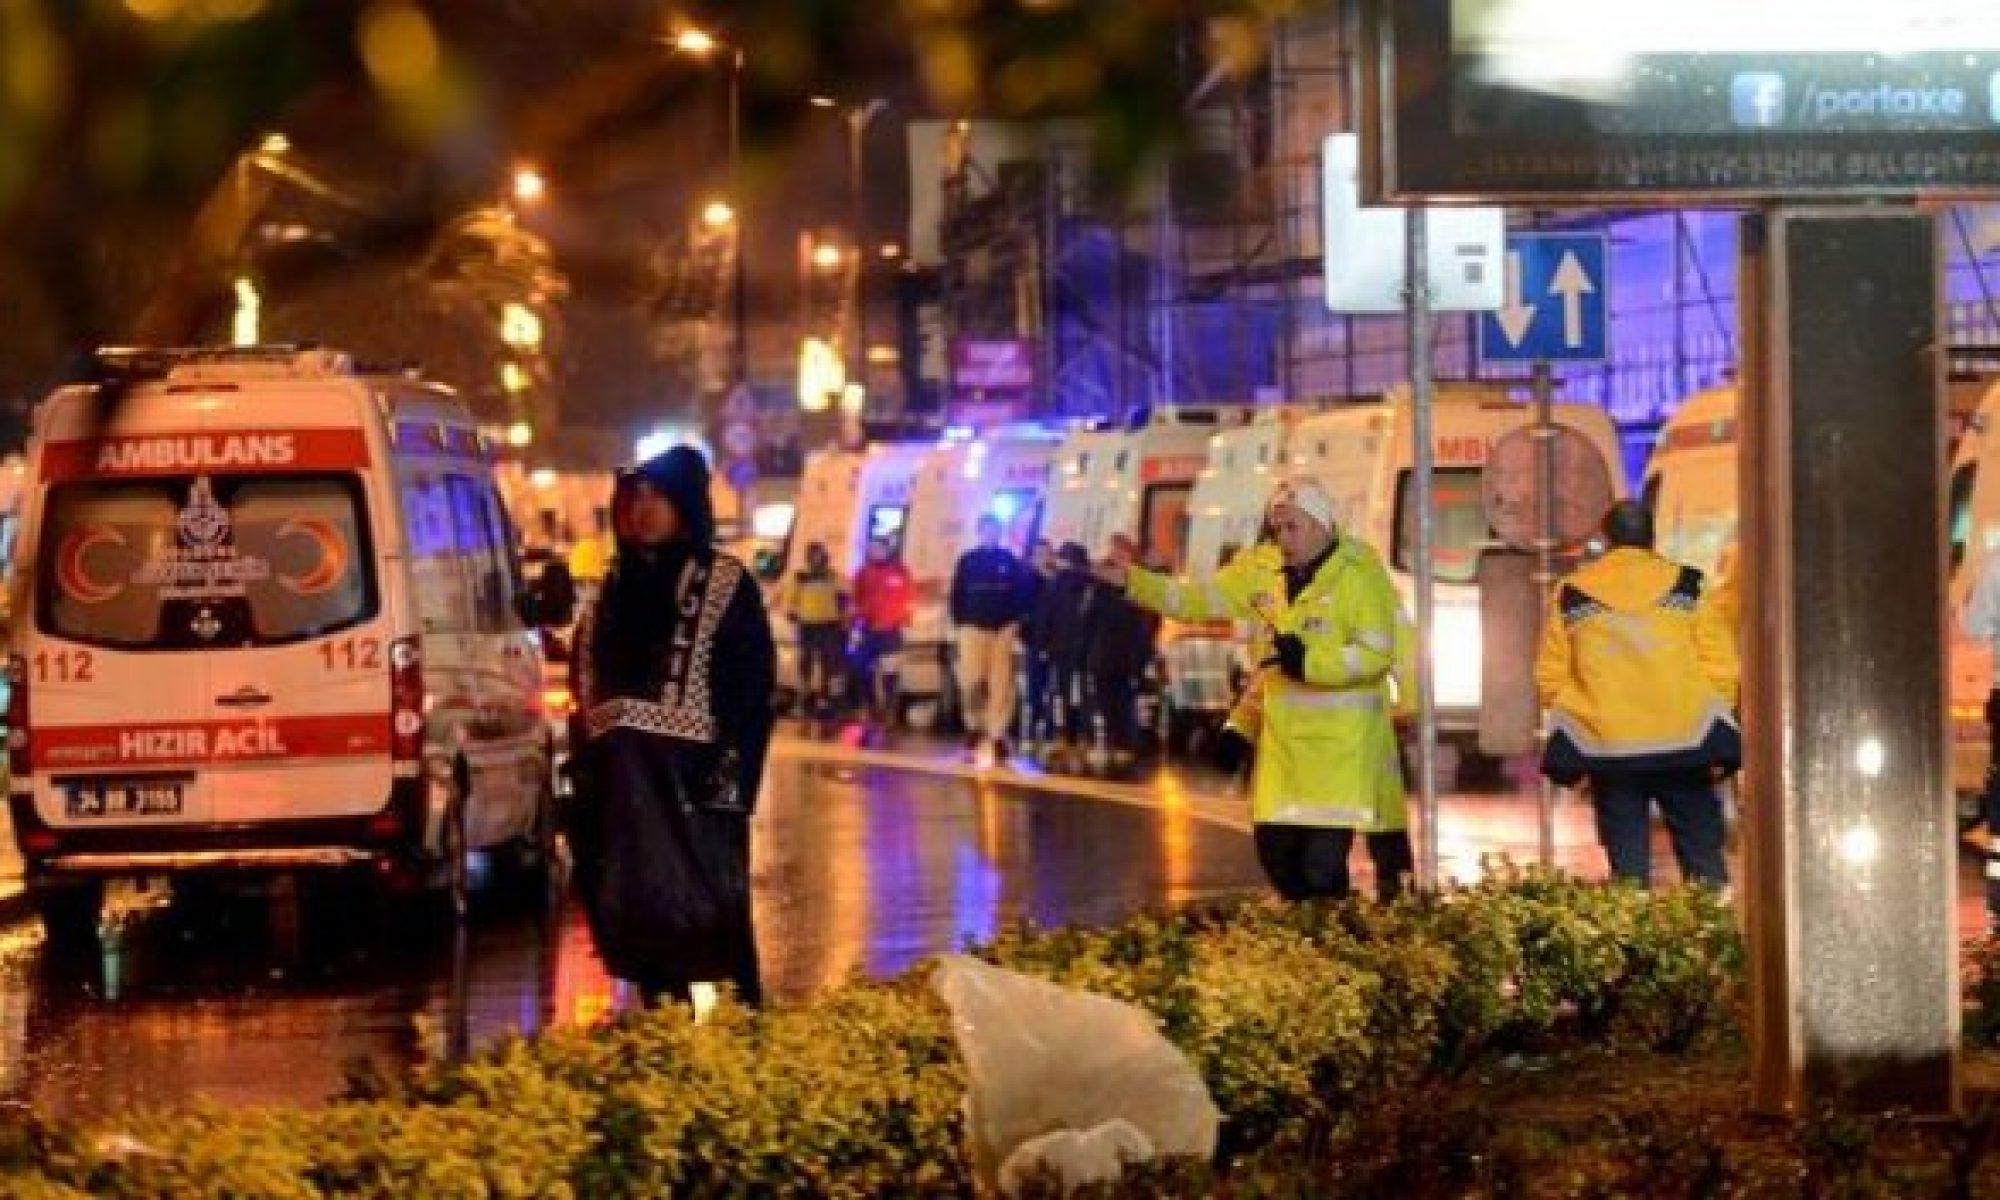 Paris saldırılarının yıl dönümünde Decottignies: Kürt dostlarımızın dayanışmasını unutmayacağız, Bataclan